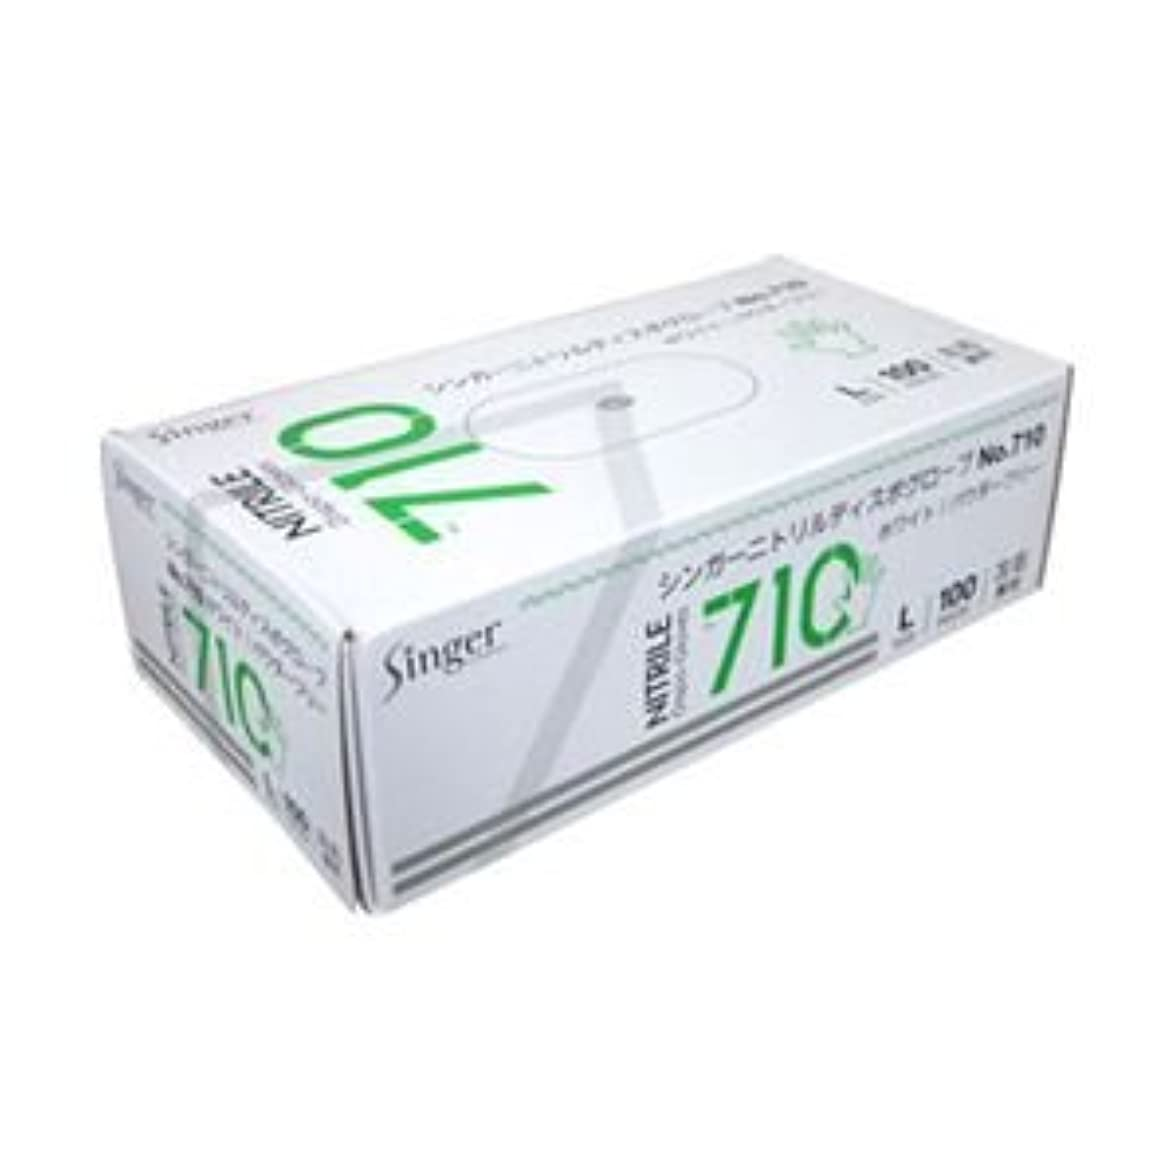 散文ショッキングコート宇都宮製作 ニトリル手袋 粉なし ホワイト L 1箱(100枚) ×5セット